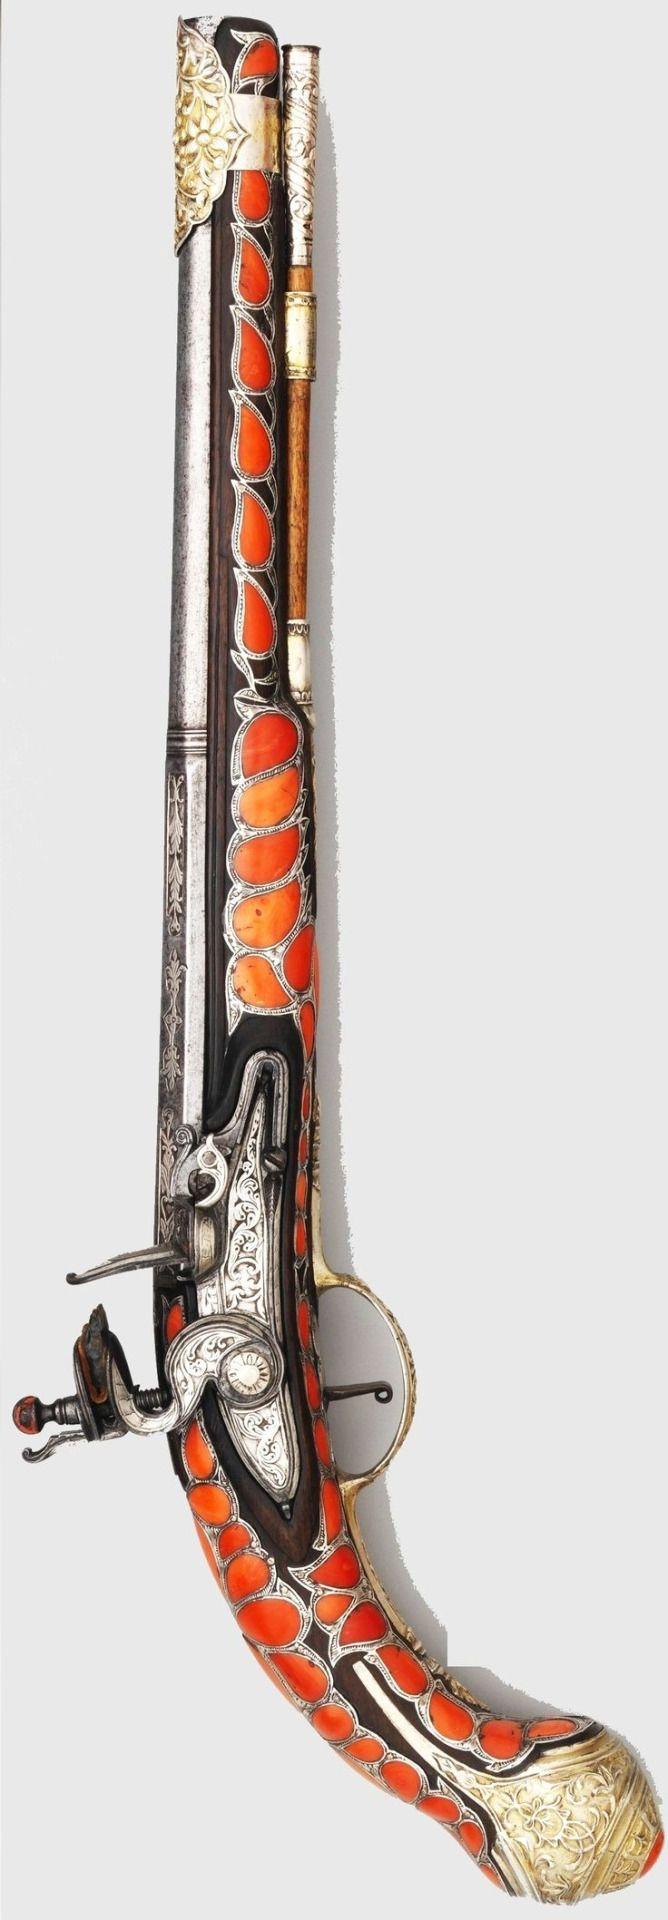 Ottoman flintlock pistol, 18th century - steel, iron, silver, coral.